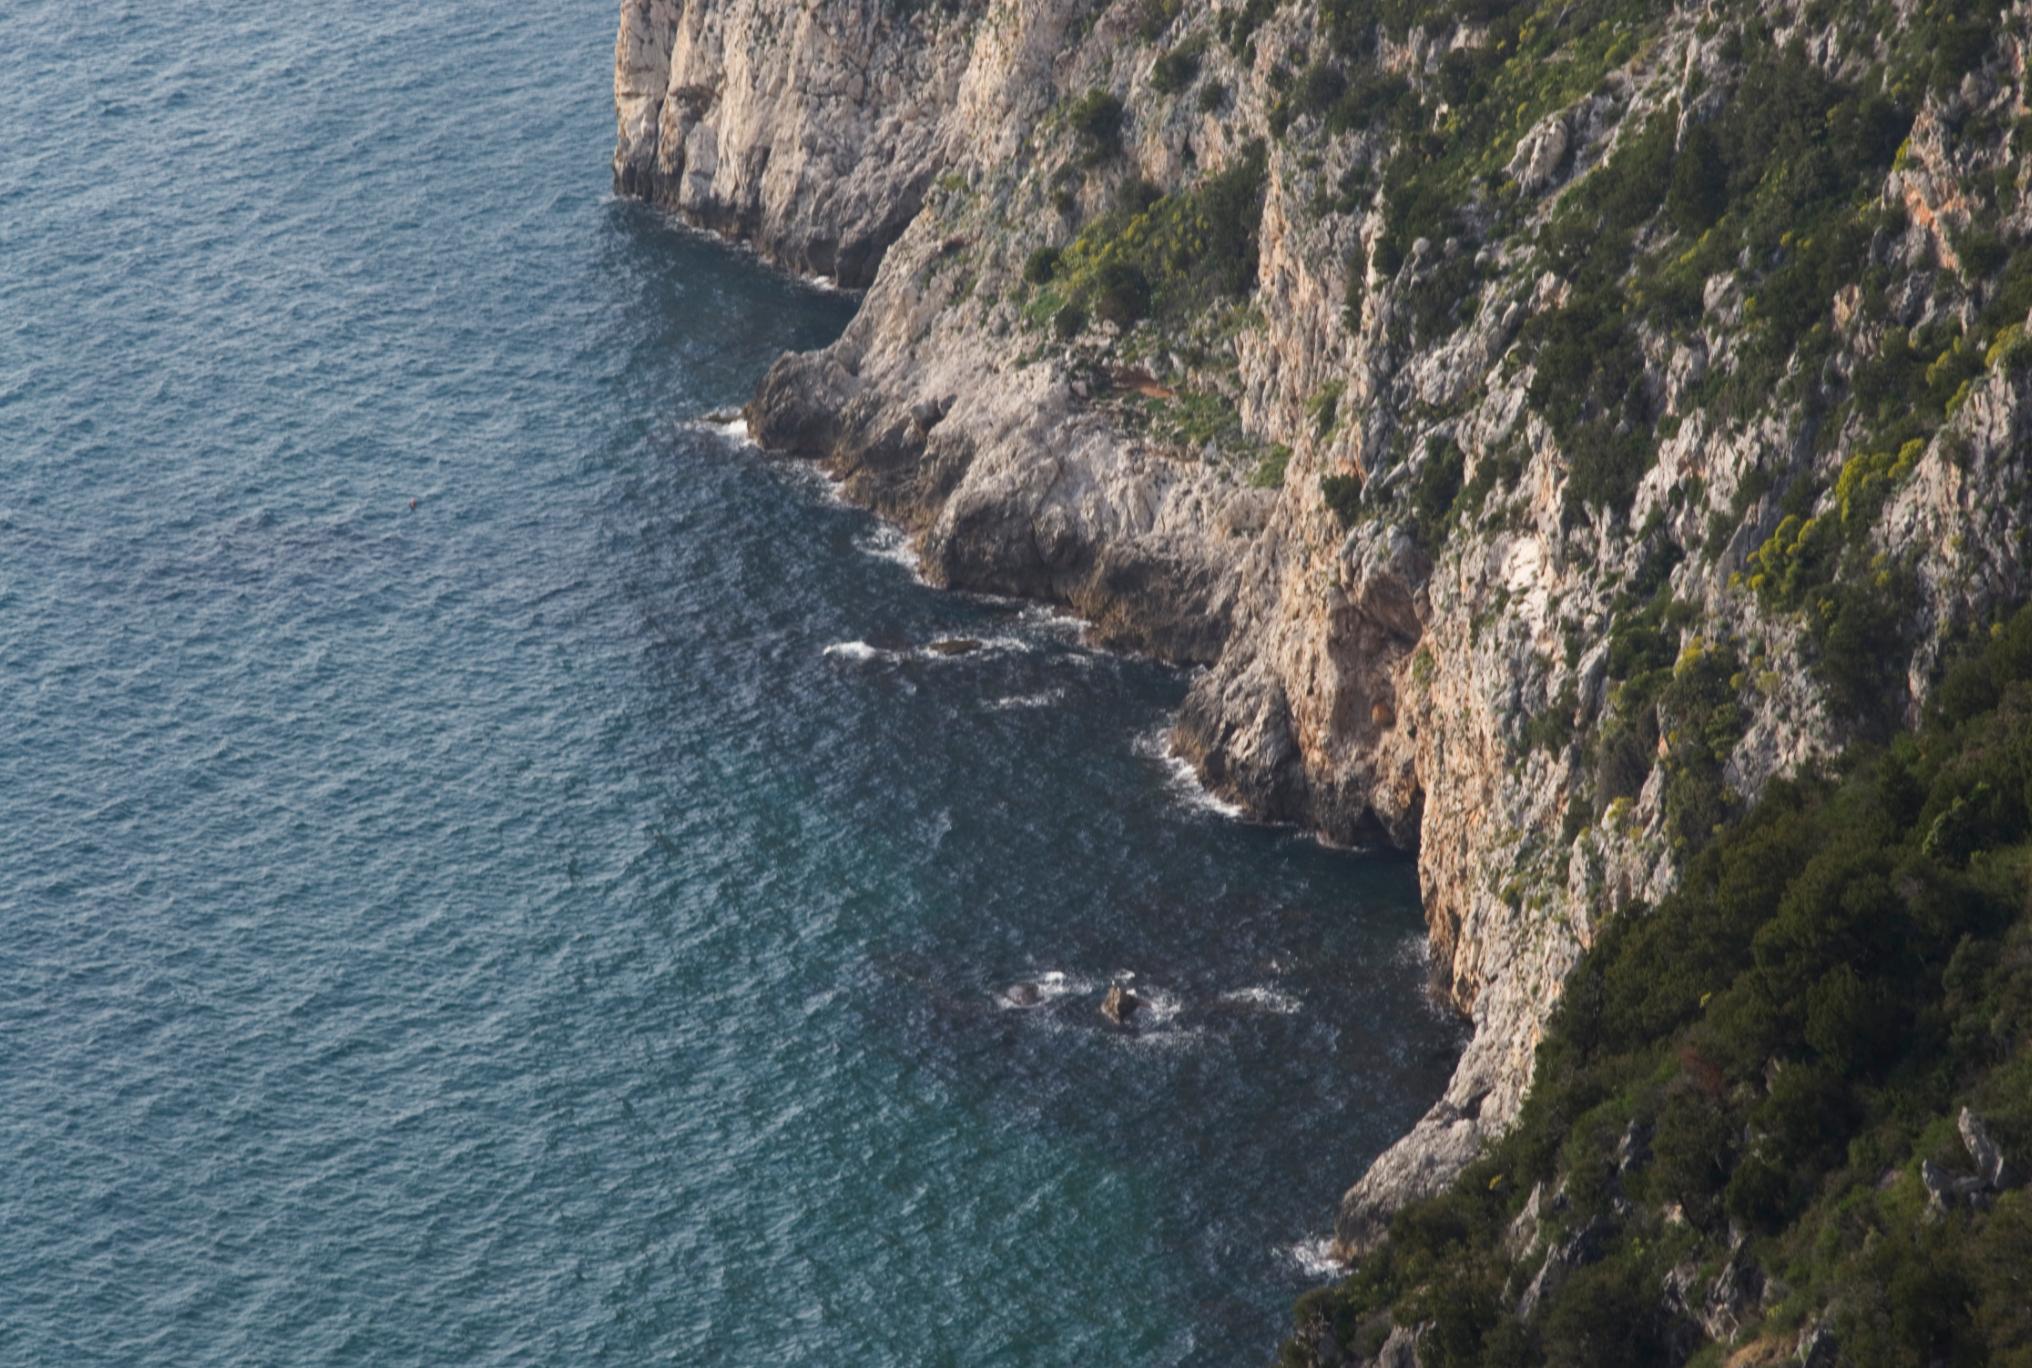 Grotta Della Maga Circe